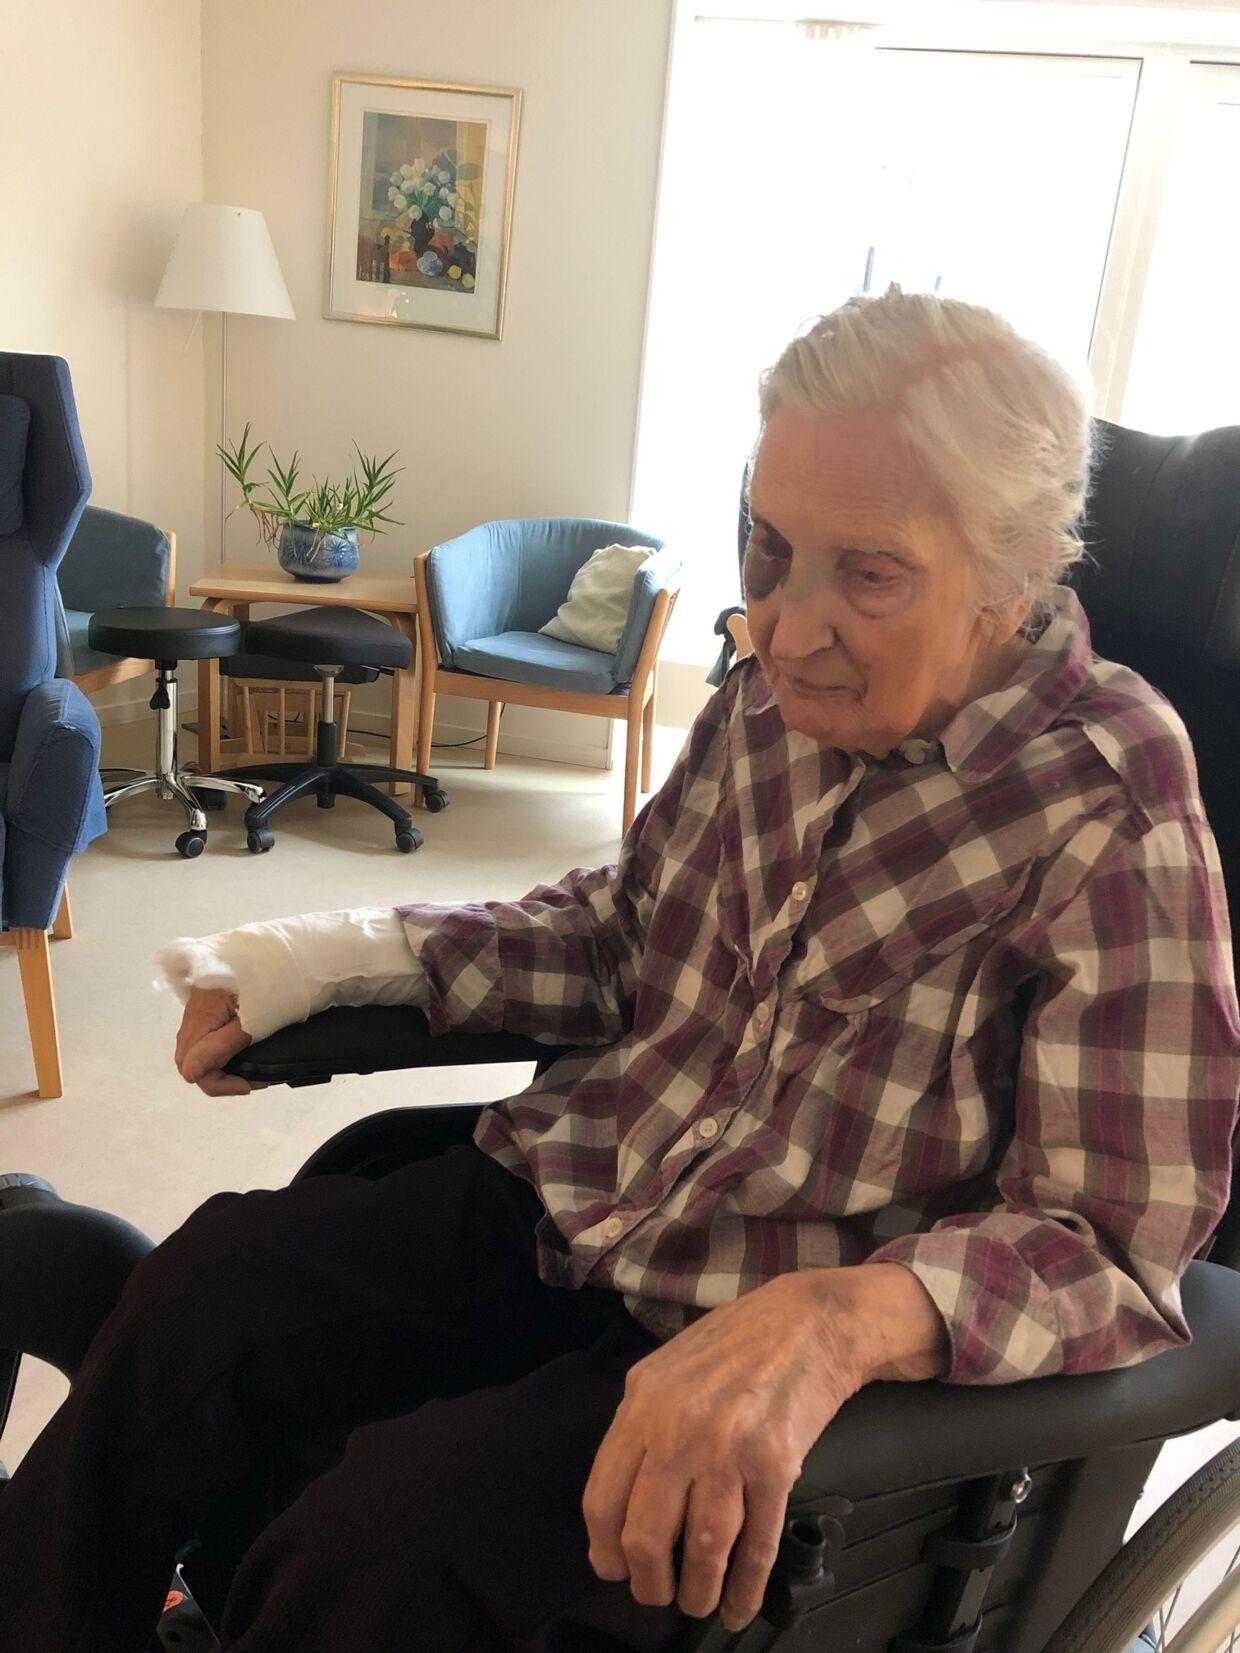 i november 2018 faldt den 90-årige Ruth Jessen ud af sin seng på Hvidovre Hospital.